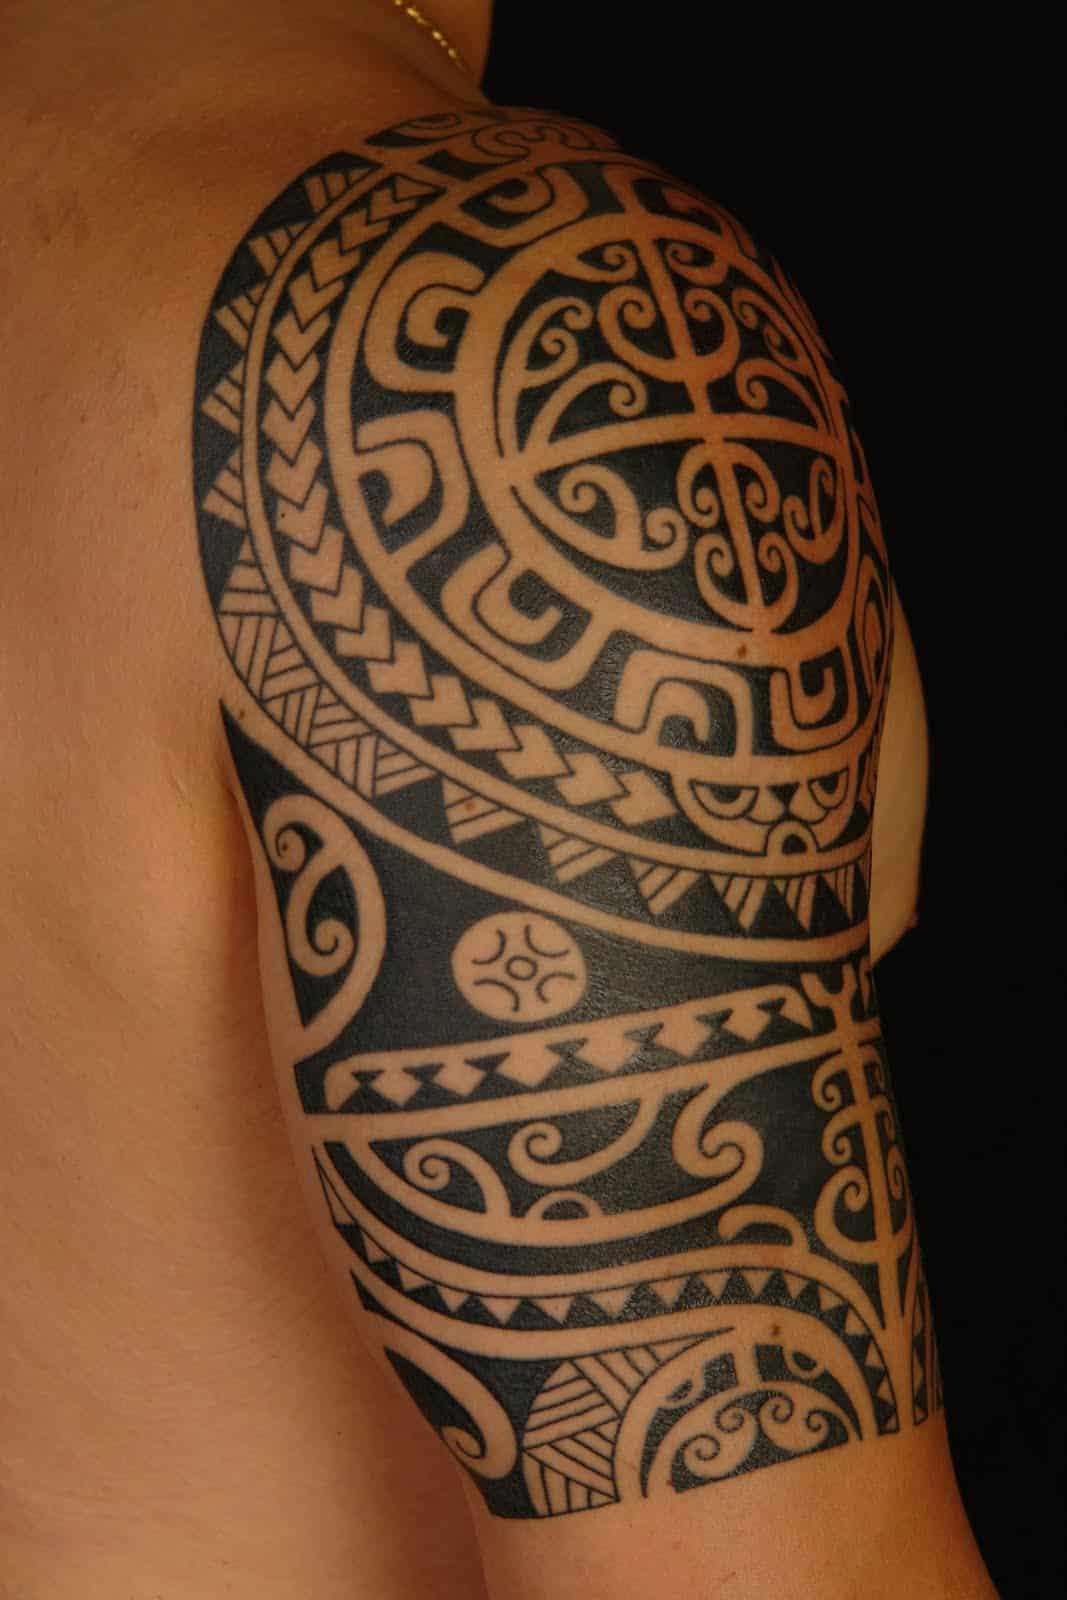 Maori Tribal Tattoo Design: 15 Beautiful Maori Tribal Tattoo Designs -DesignBump